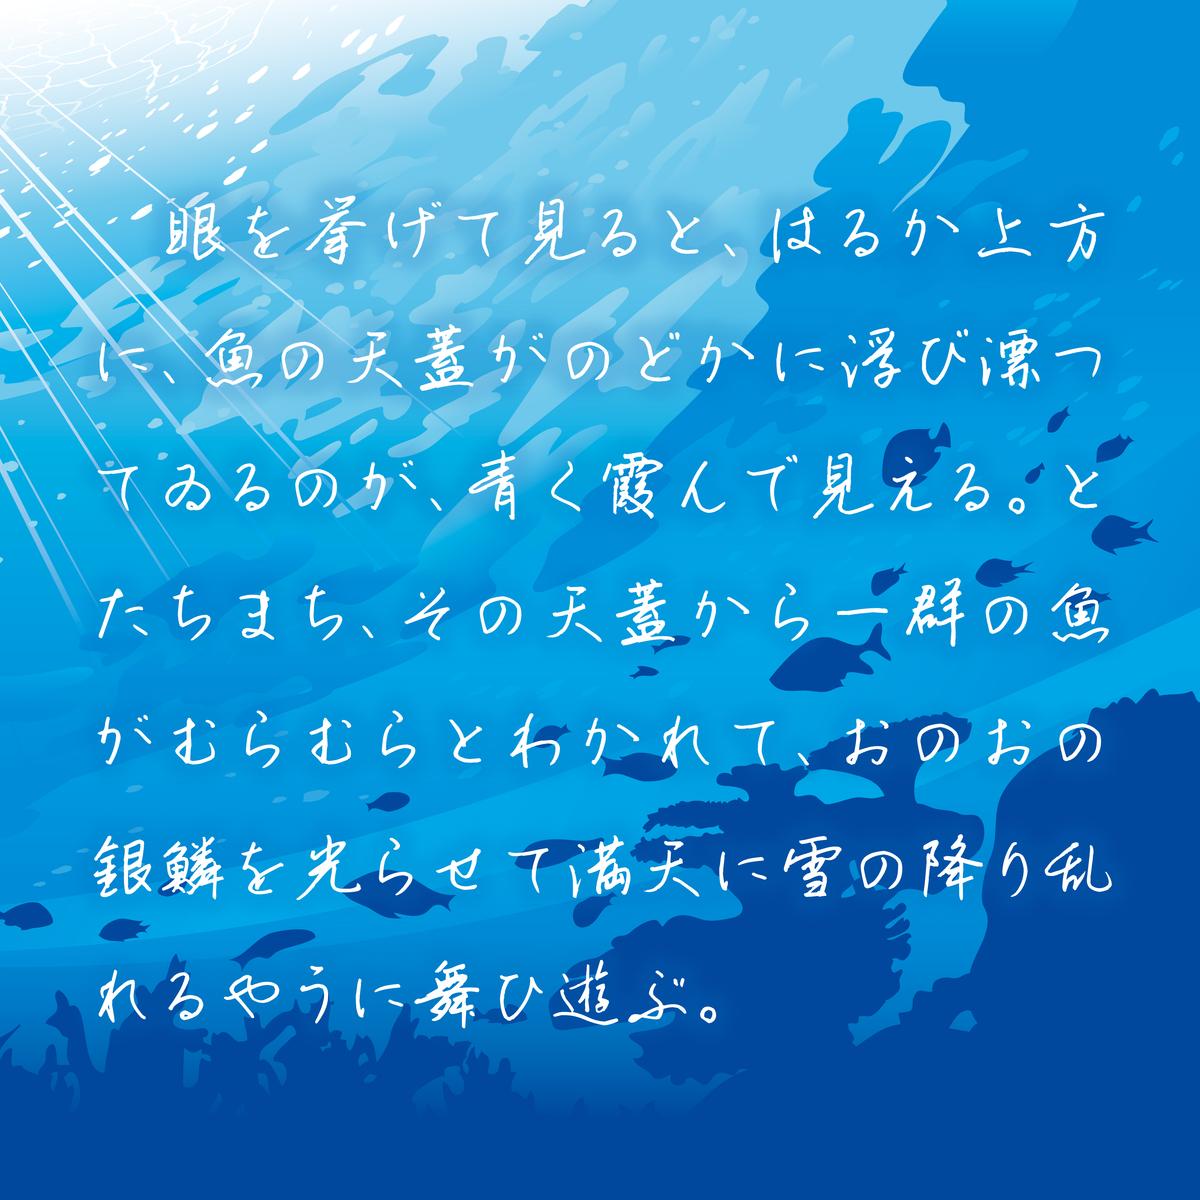 f:id:shokaki:20200706192300p:plain